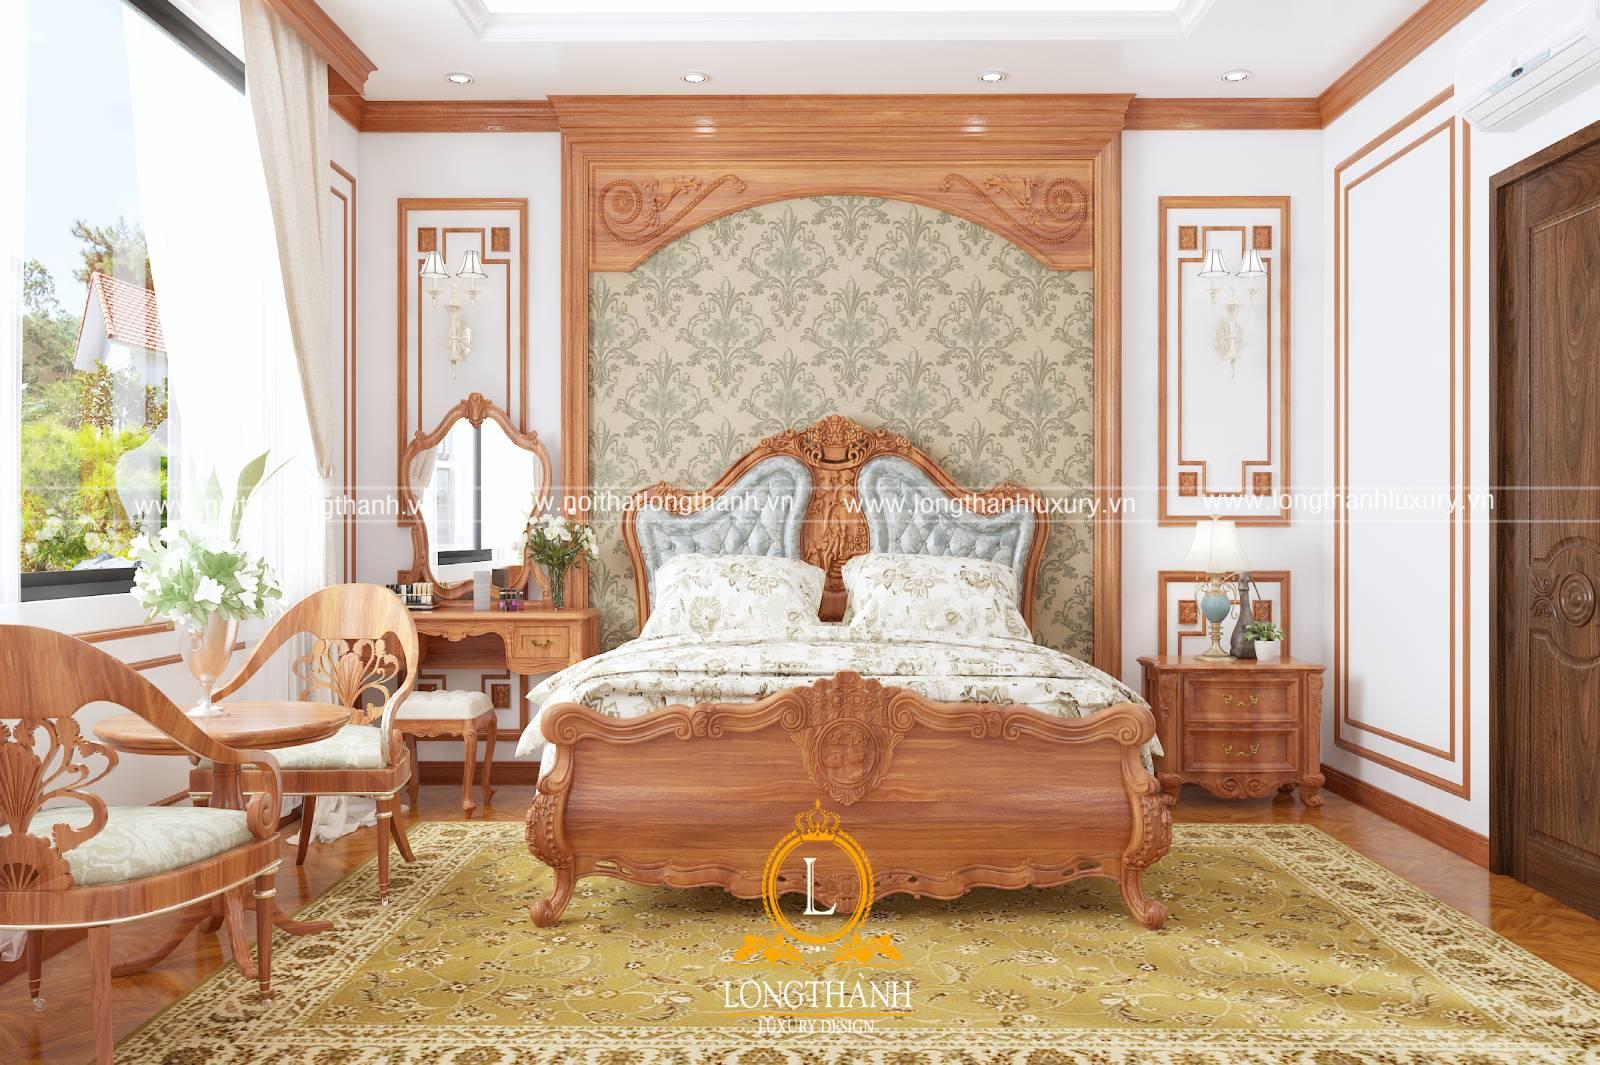 Thiết kế nội thất phòng ngủ cho nhà phố sử dụng chất liệu gỗ tự nhiên